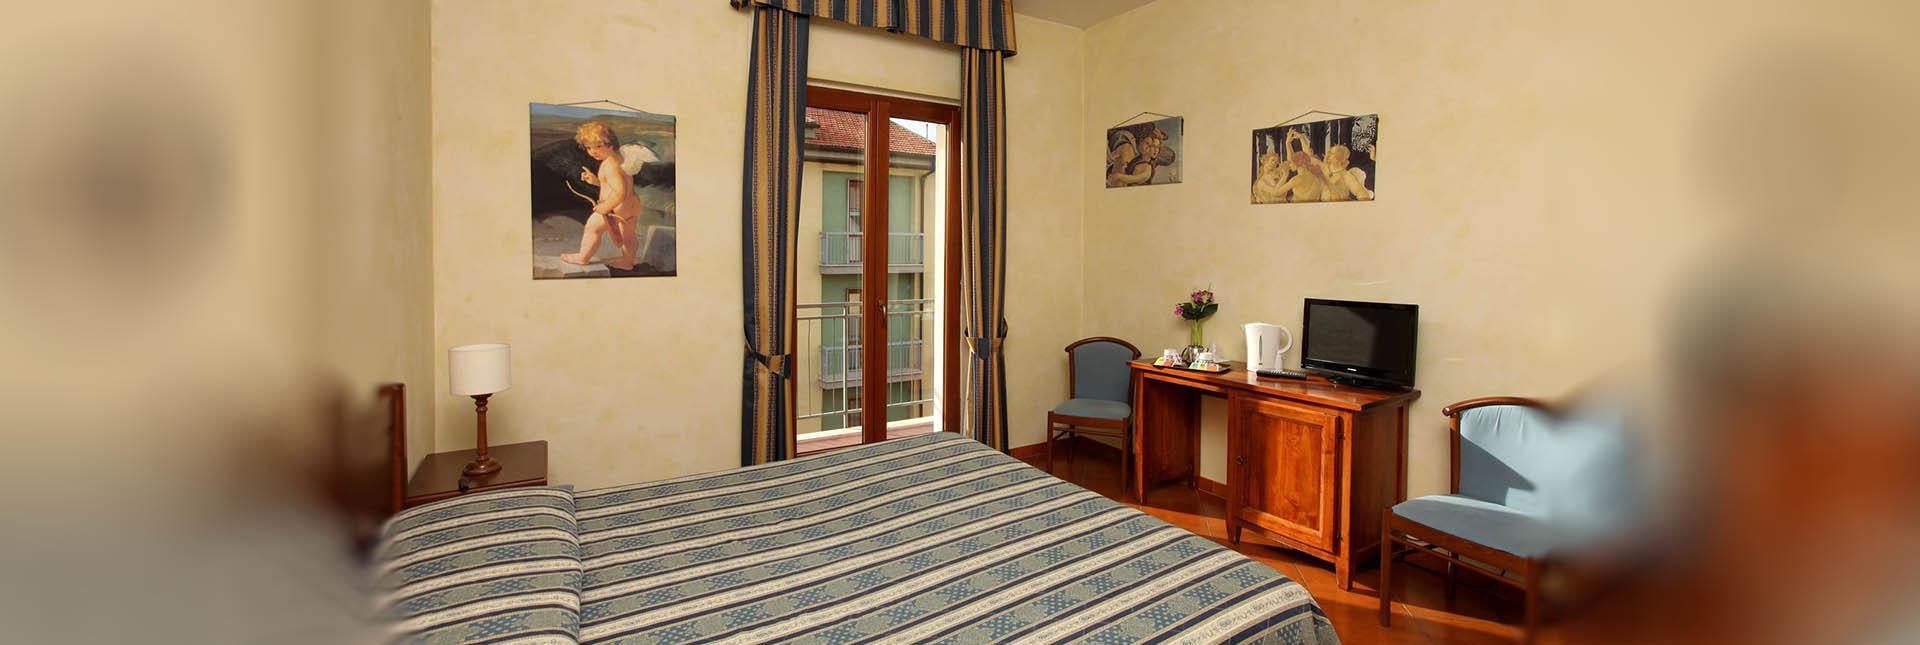 Hotel Bologna - Firenze